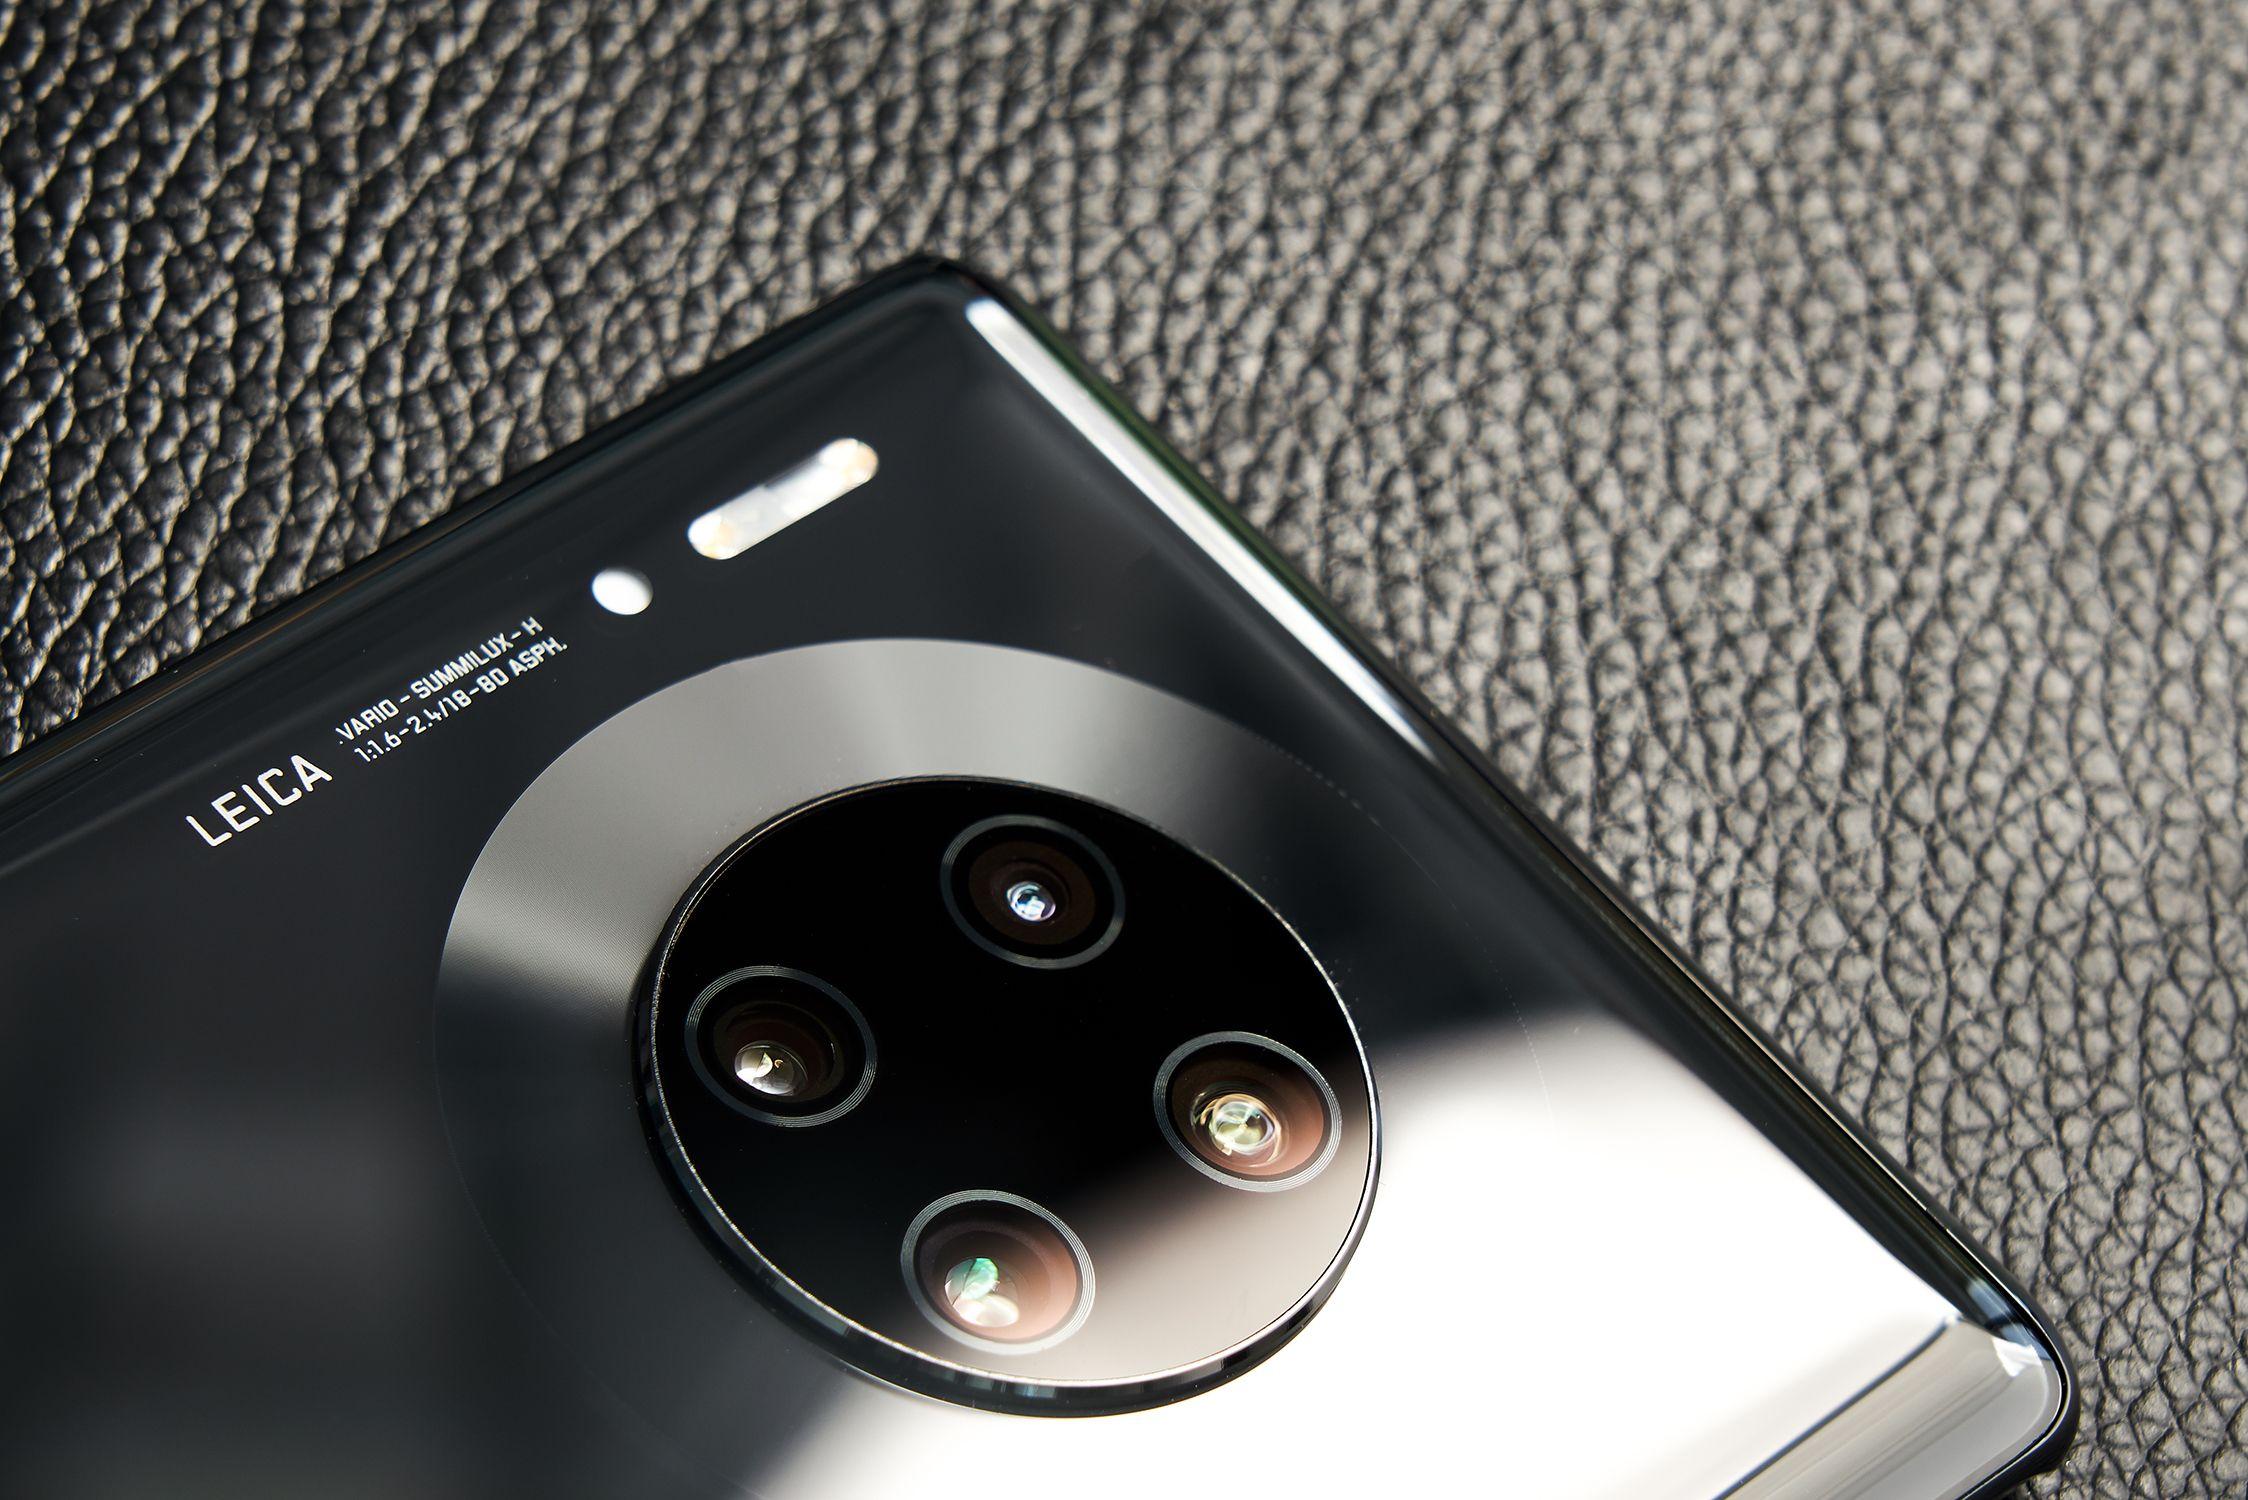 华为Mate30 Pro上手评测:超曲面环幕屏,影像能力提升明显的照片 - 7